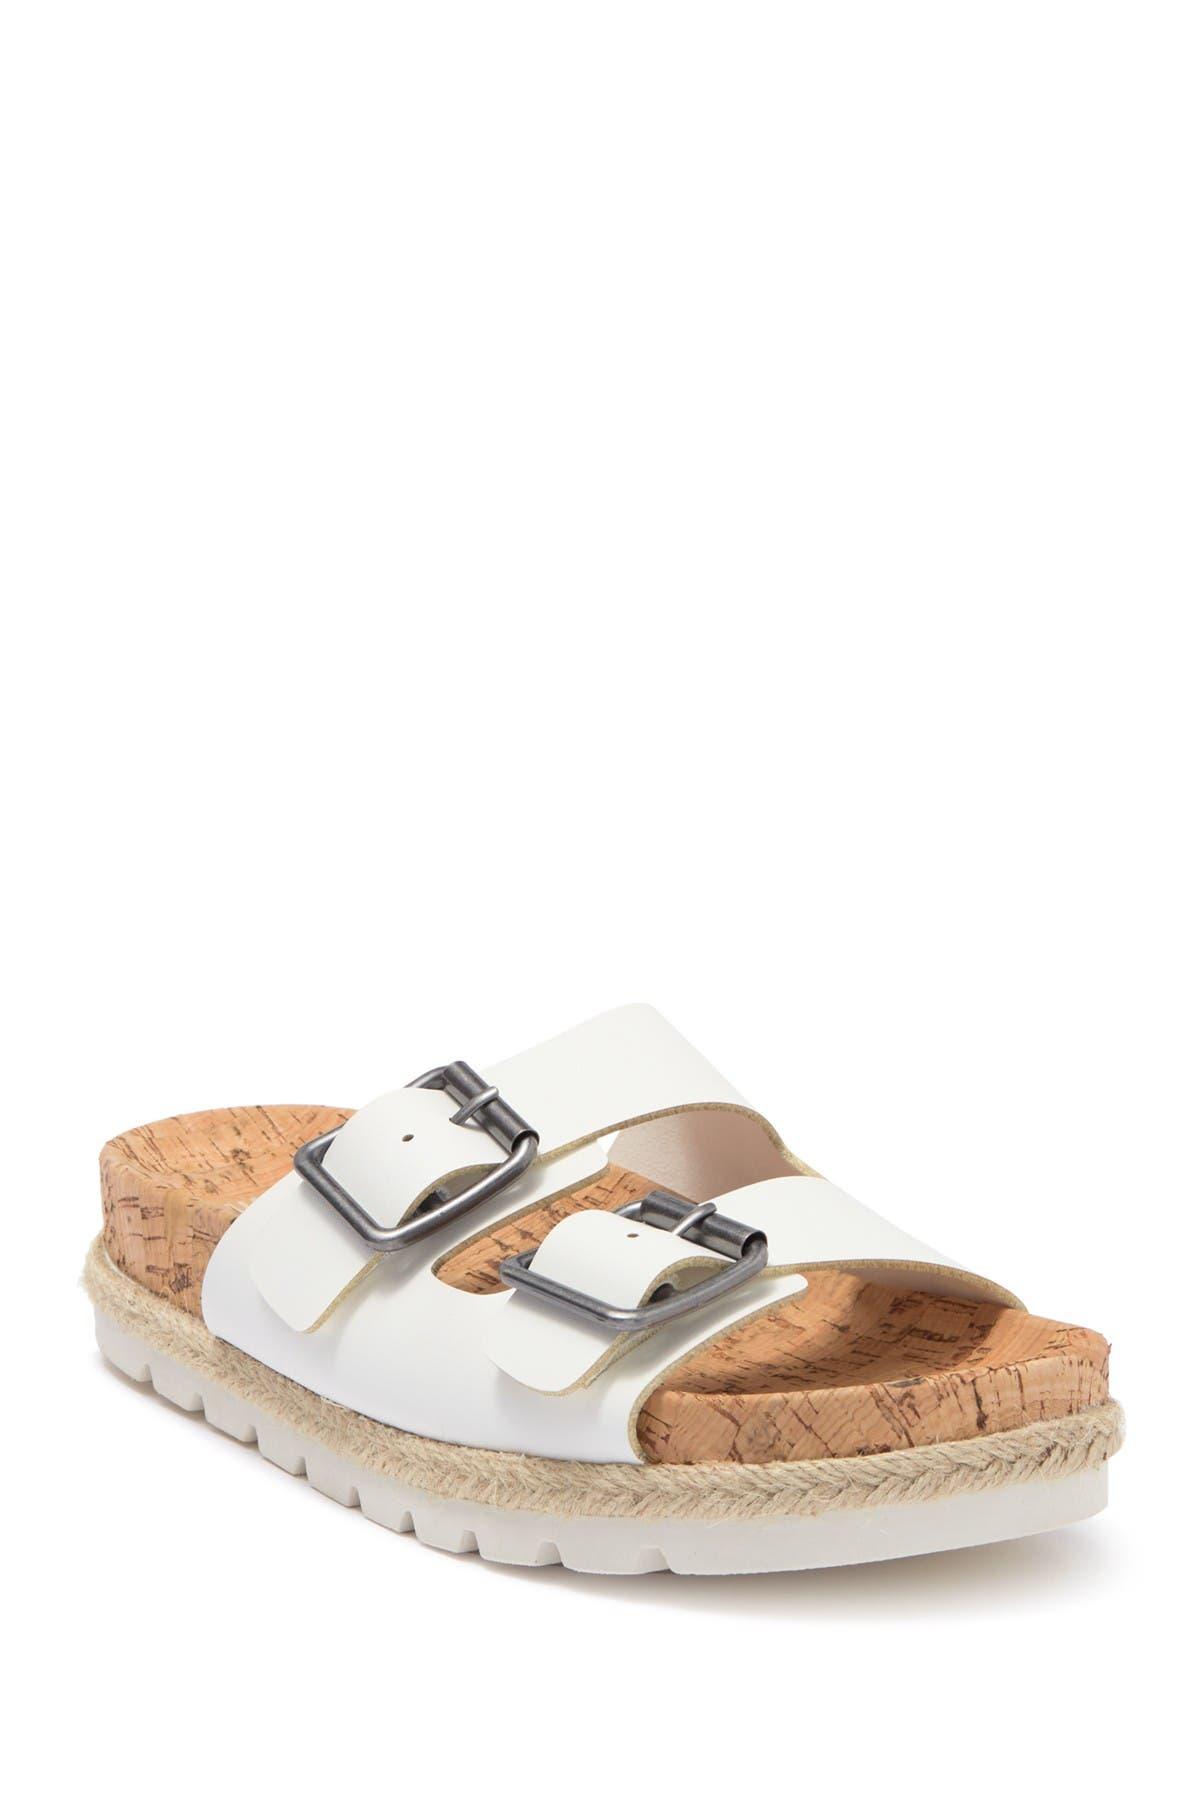 Image of Esprit Brielle Double Strap Espadrille Footbed Sandal